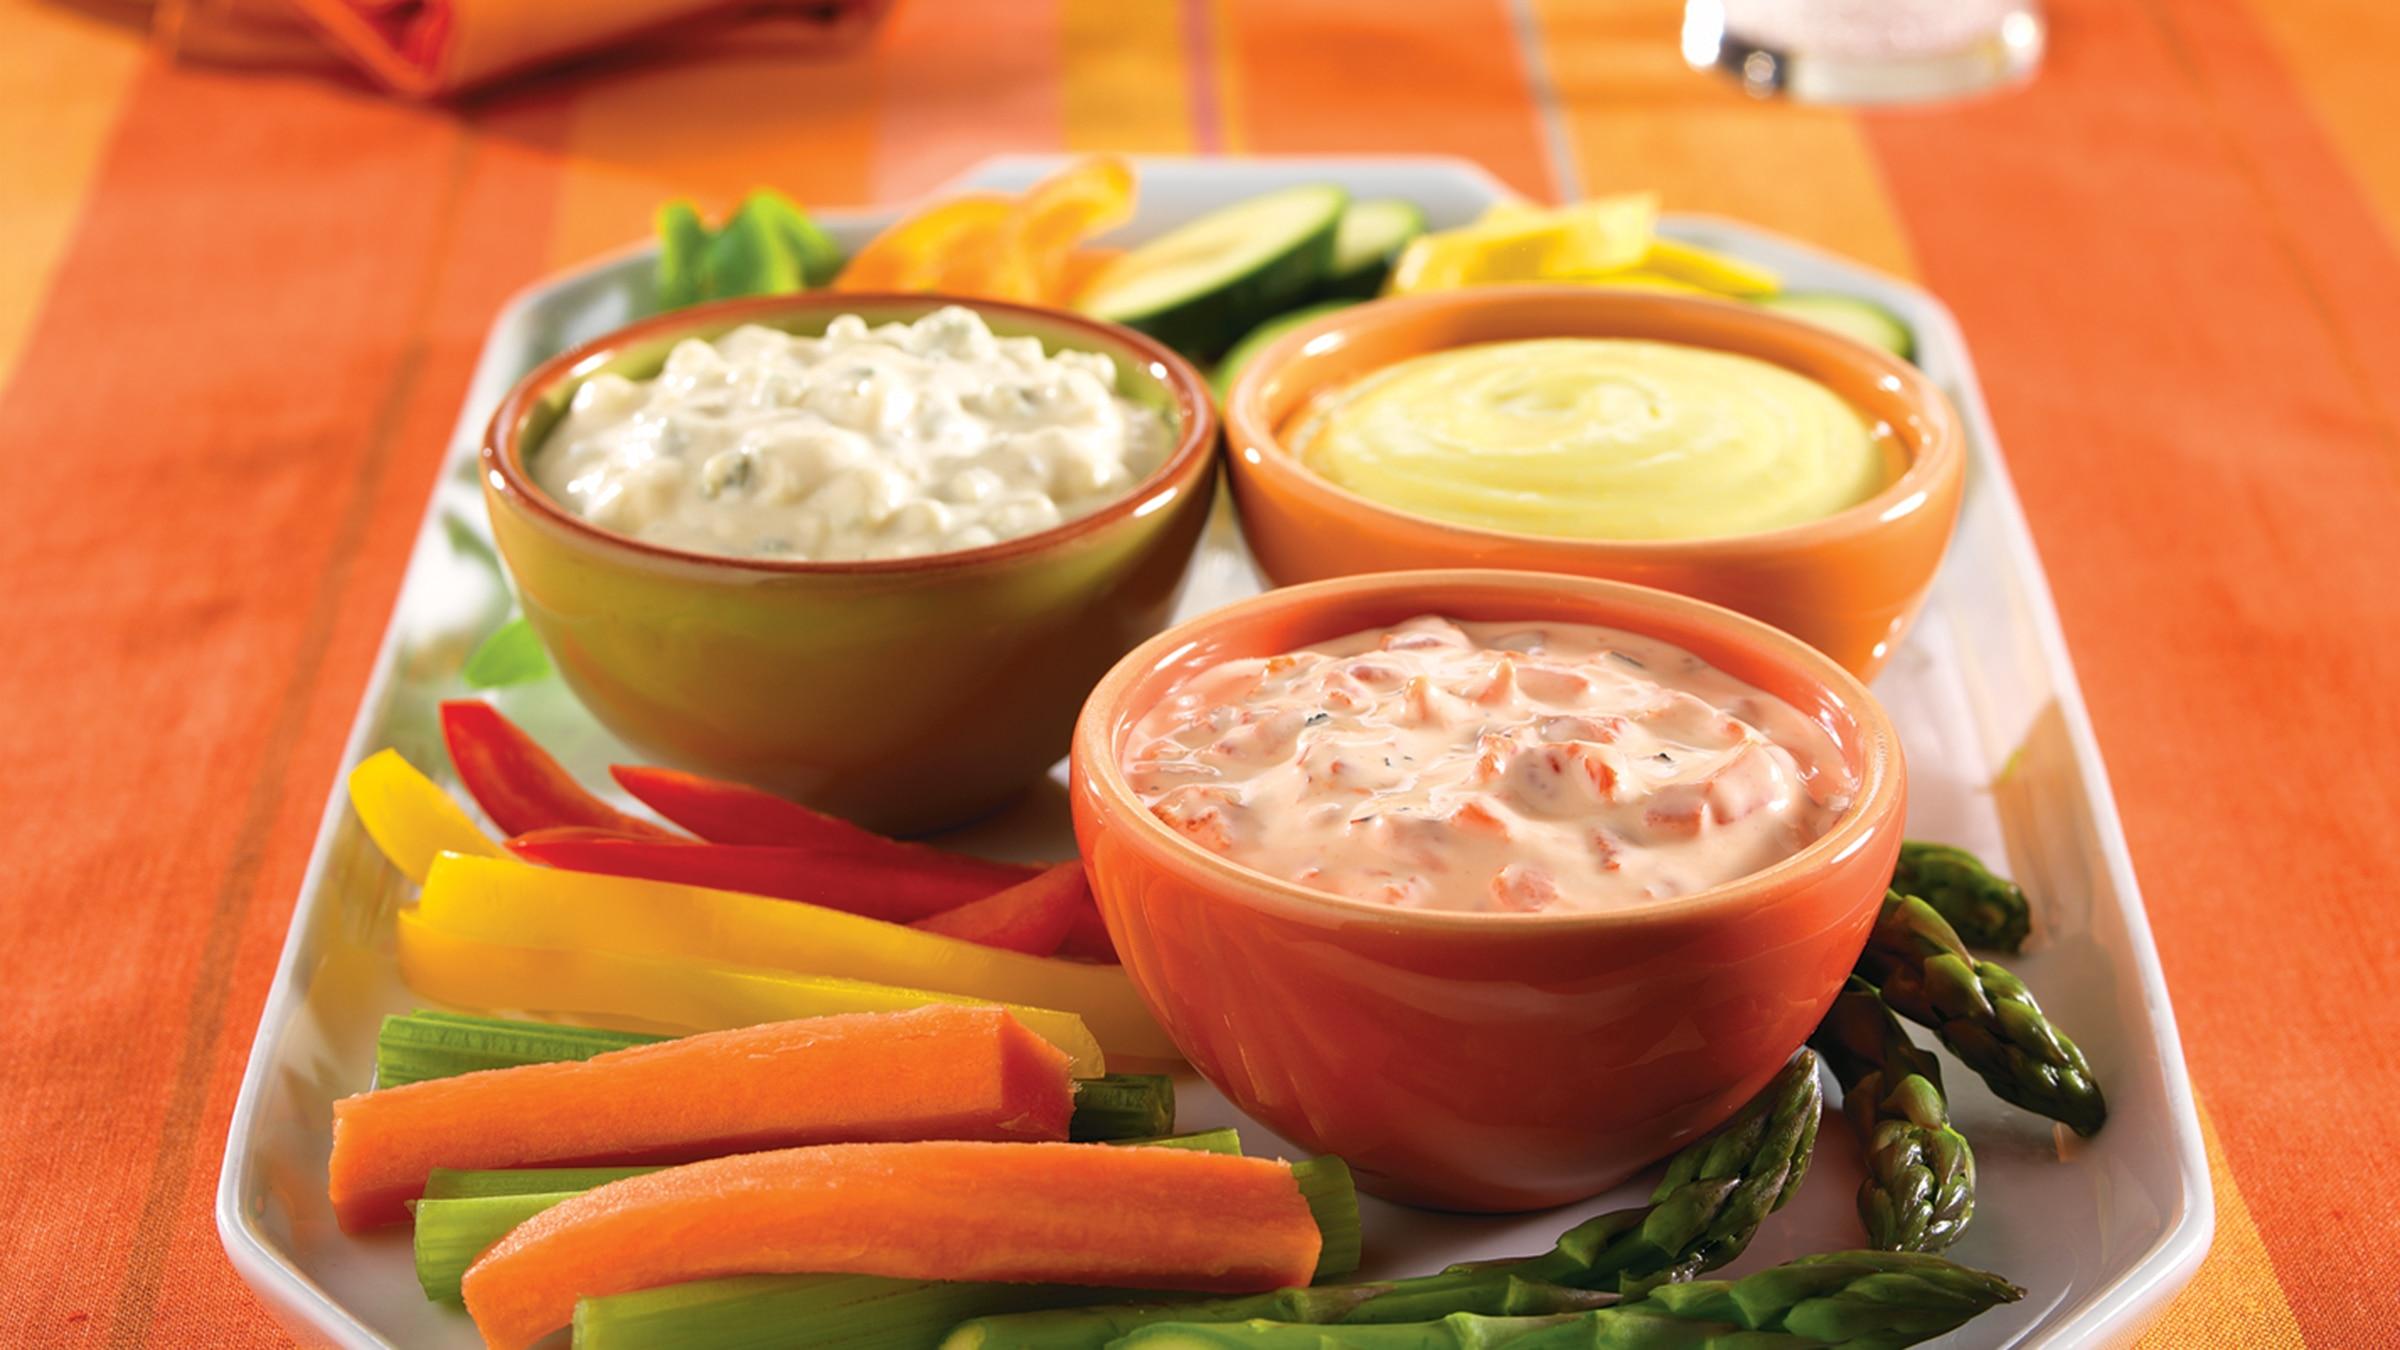 Las salsas m s f ciles de hacer - Salsas faciles de hacer ...